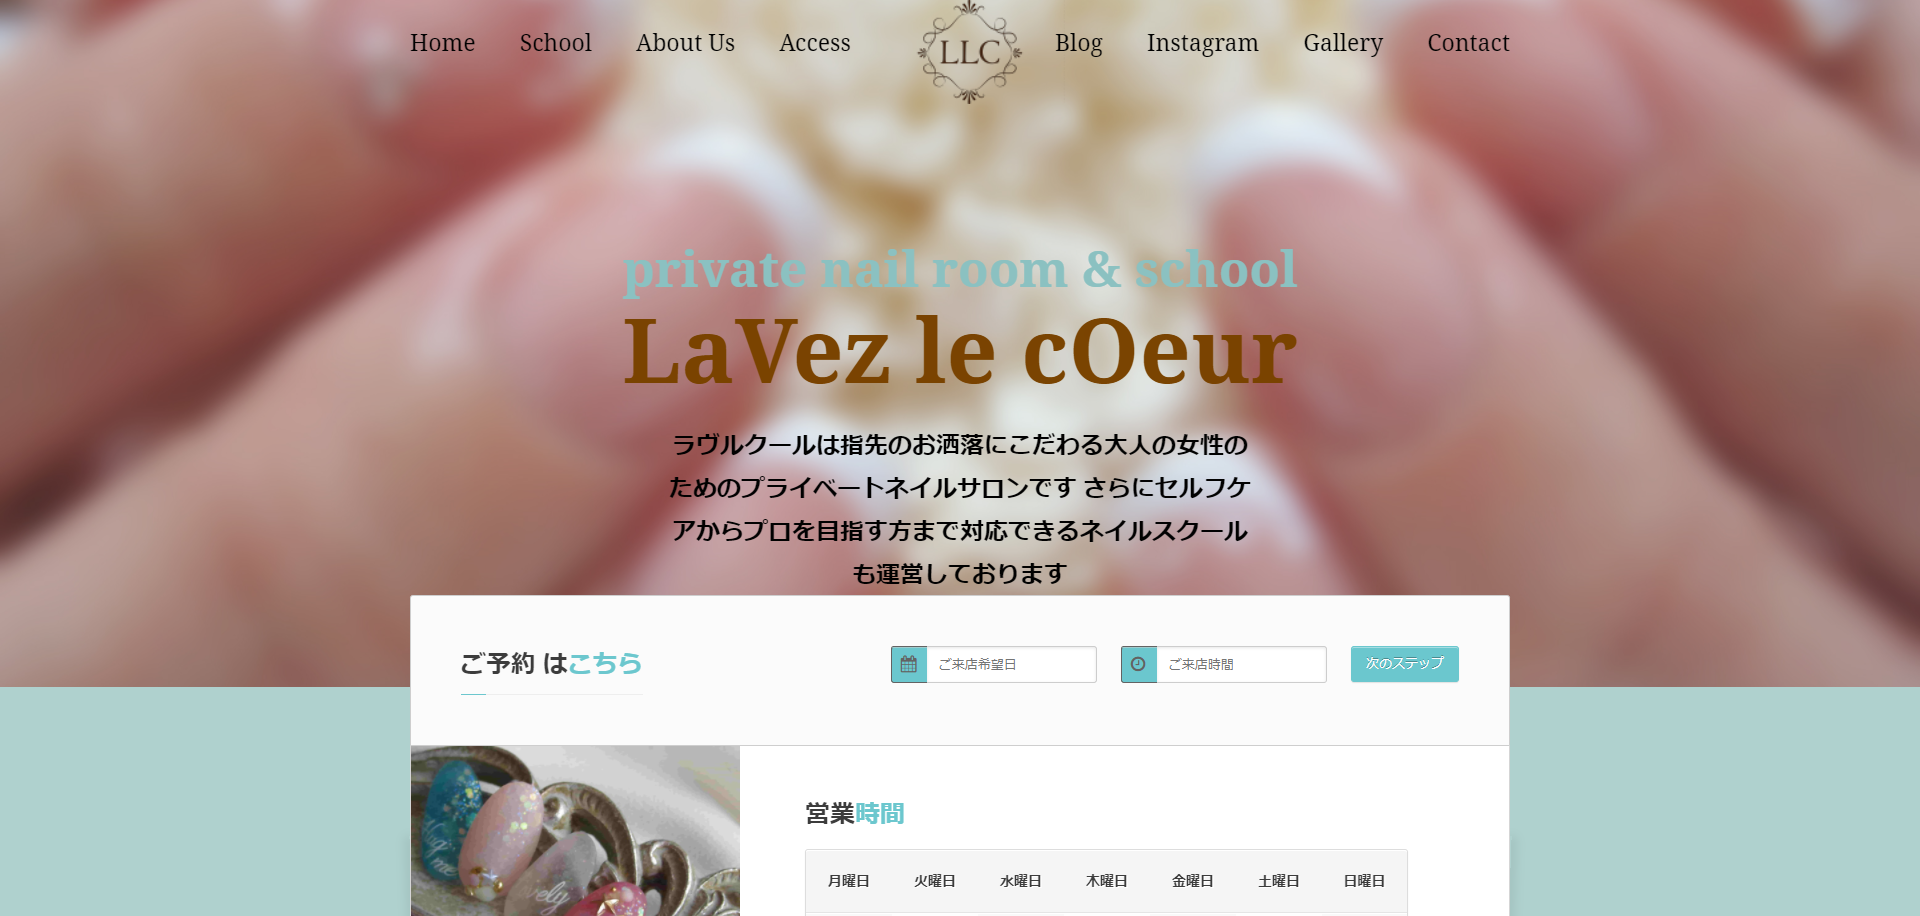 LaVez le cOeur(ラヴルクール)